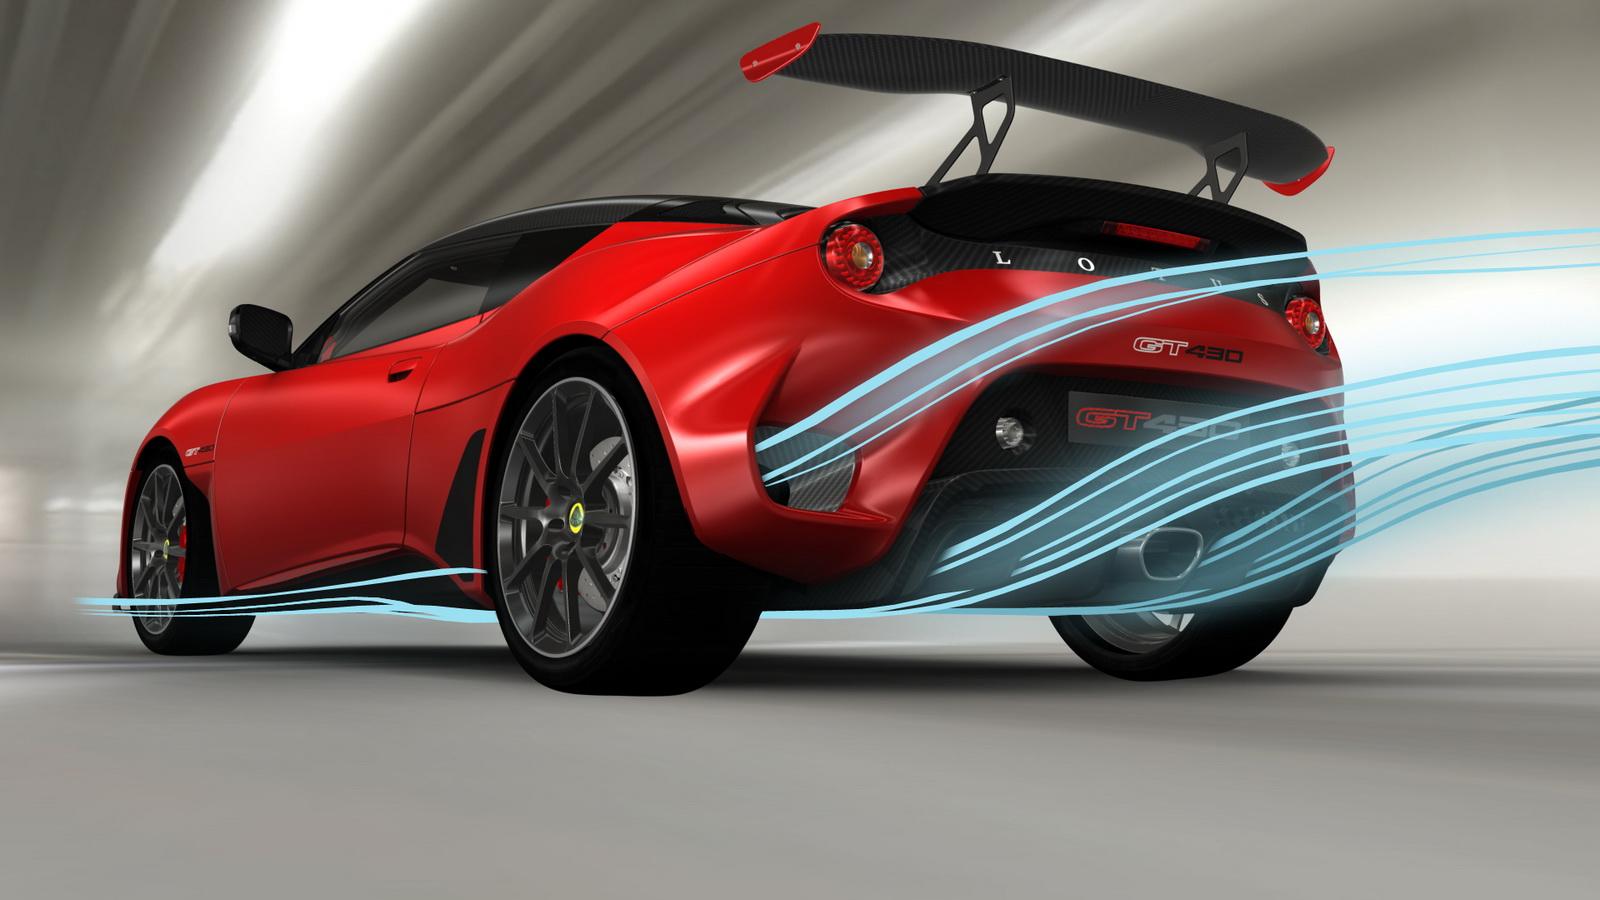 Lotus-Evora-GT430-06